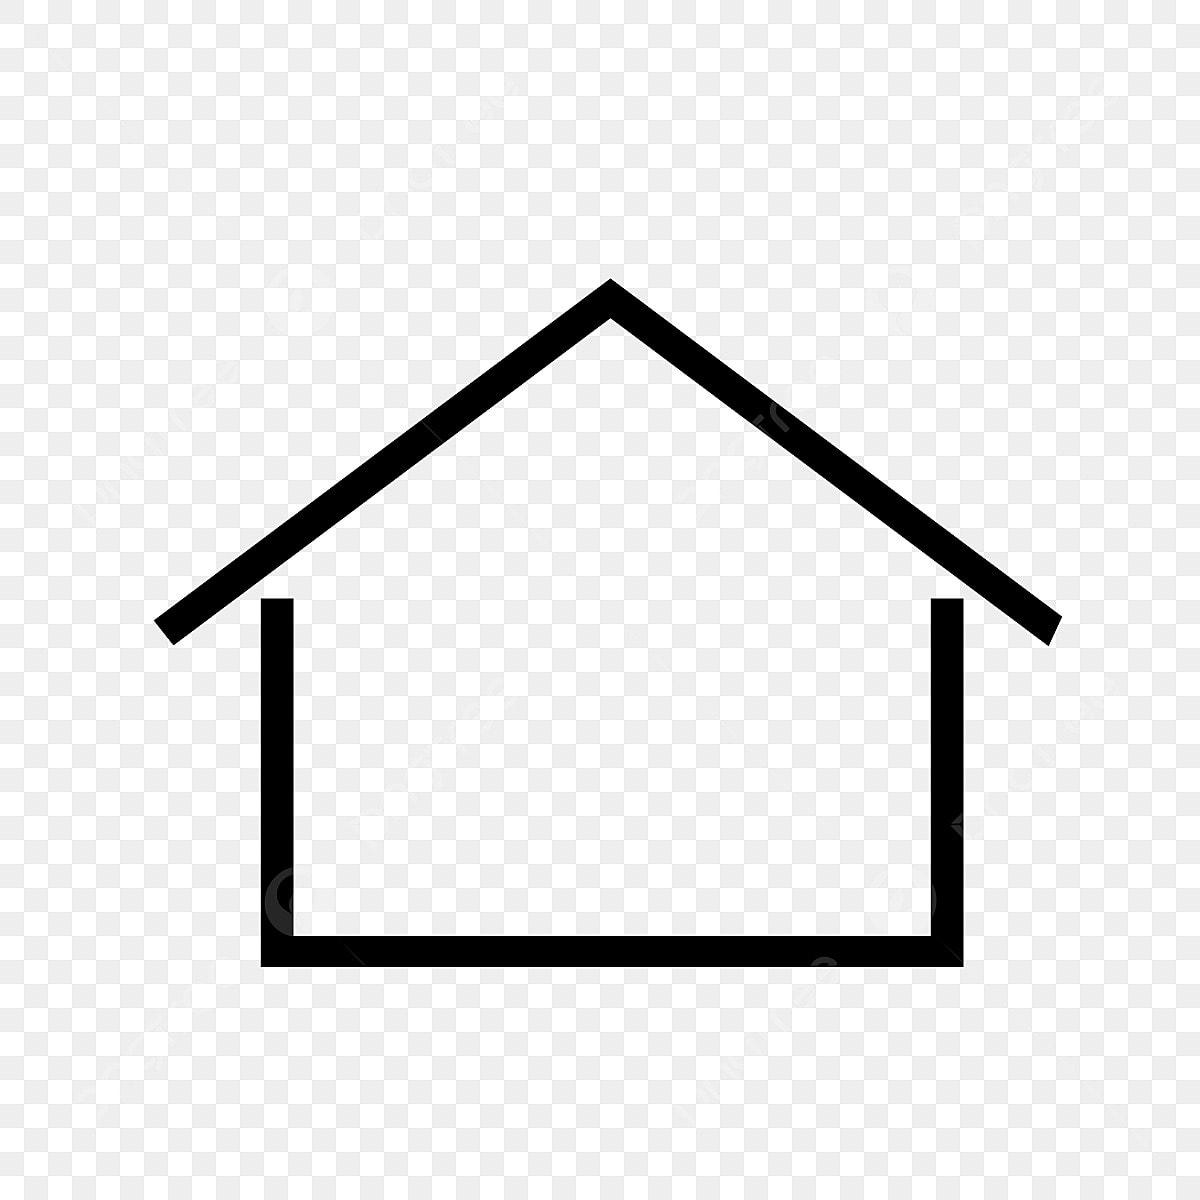 Gambar Ikon Rumah Simbol Sederhana Rumah Ikon Simbol Png Dan Vektor Untuk Muat Turun Percuma